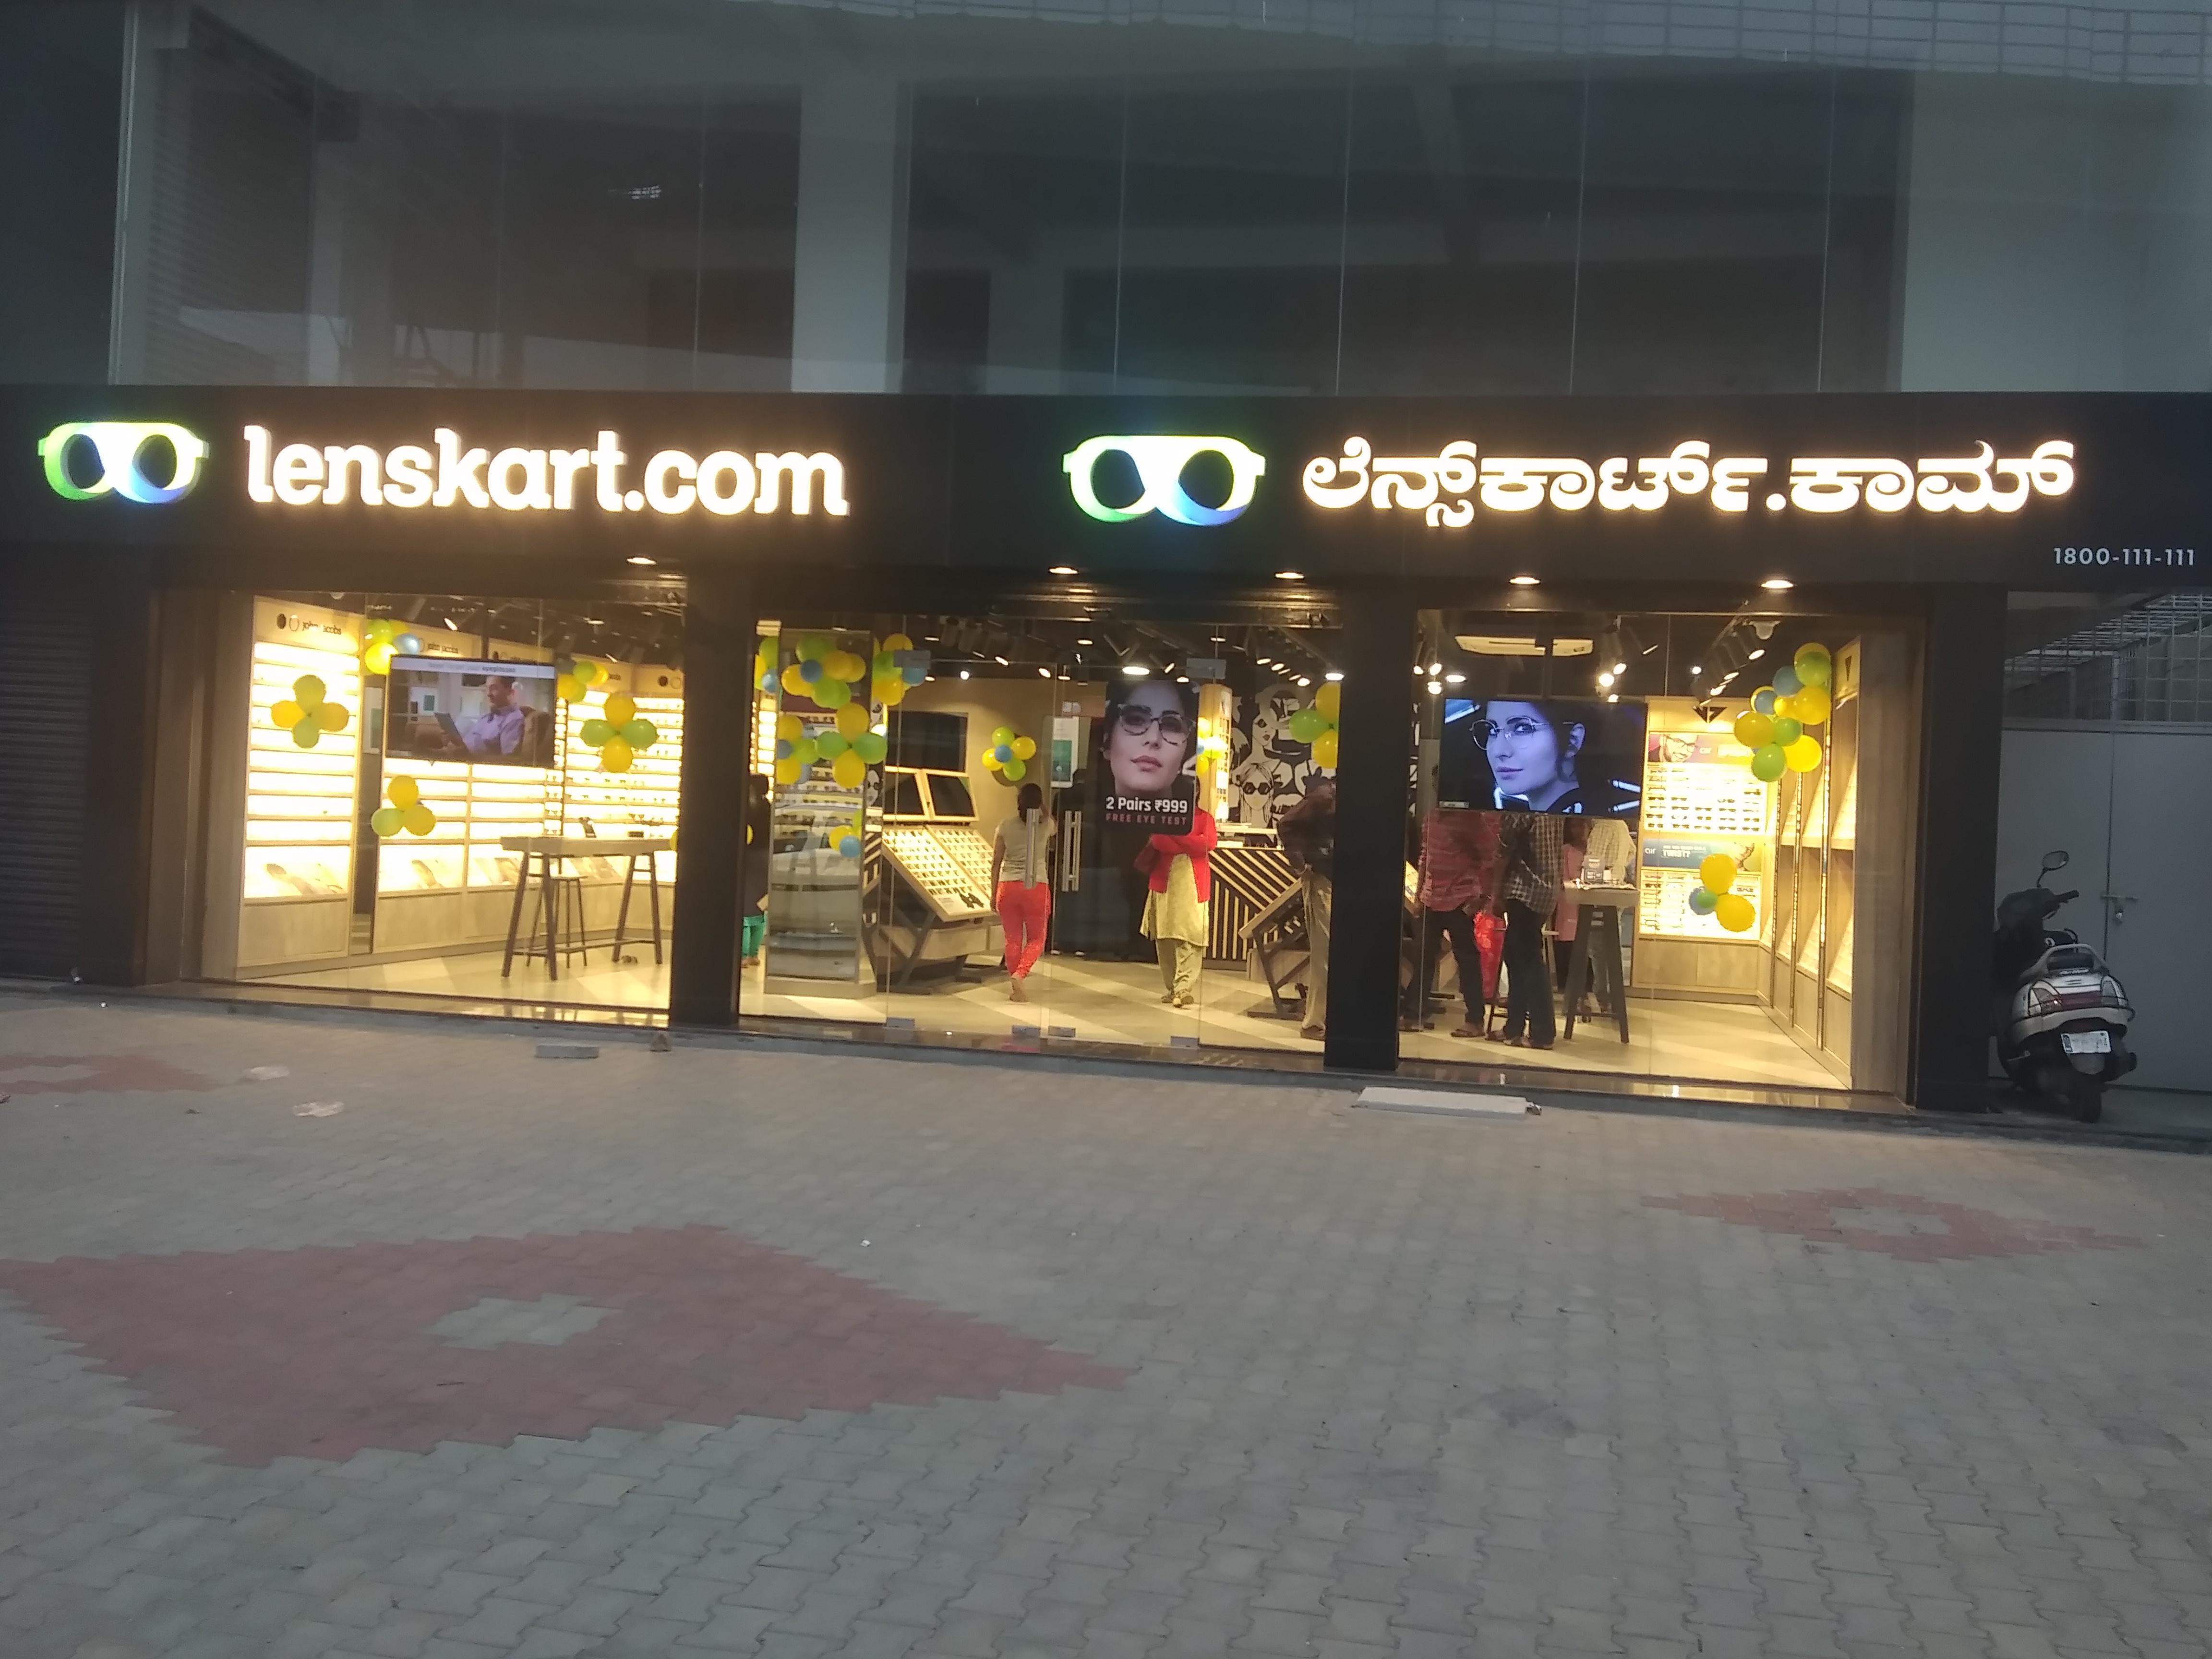 Lenskart.com - Kanakpura Road, Bengaluru